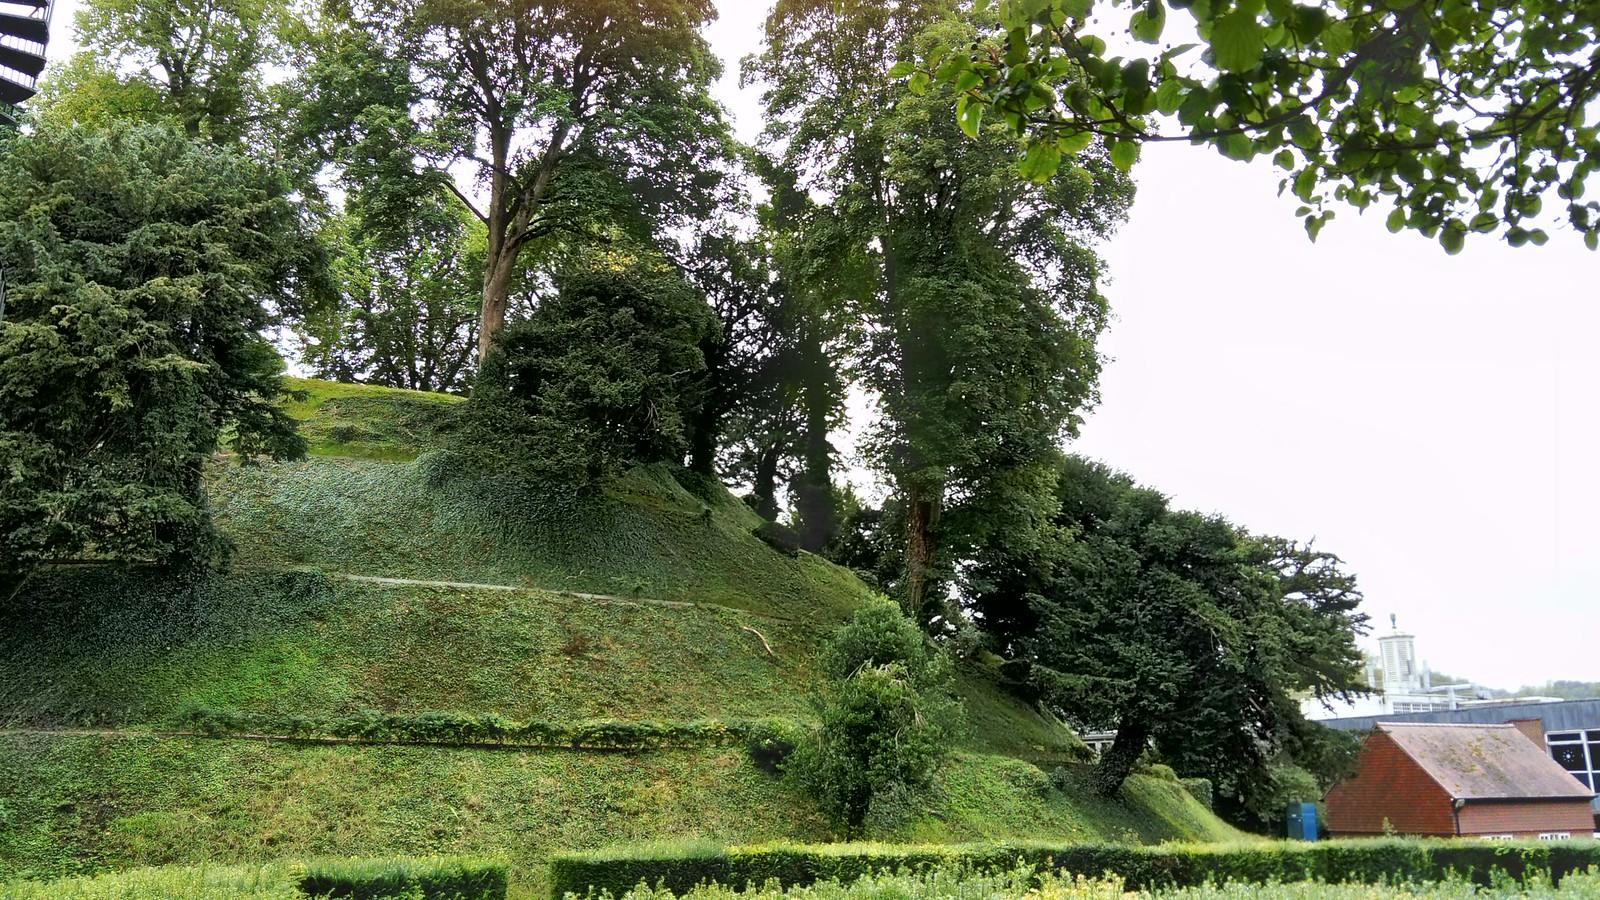 Marlborough Mound SWC Walk 255 Pewsey or Marlborough Circular via Avebury